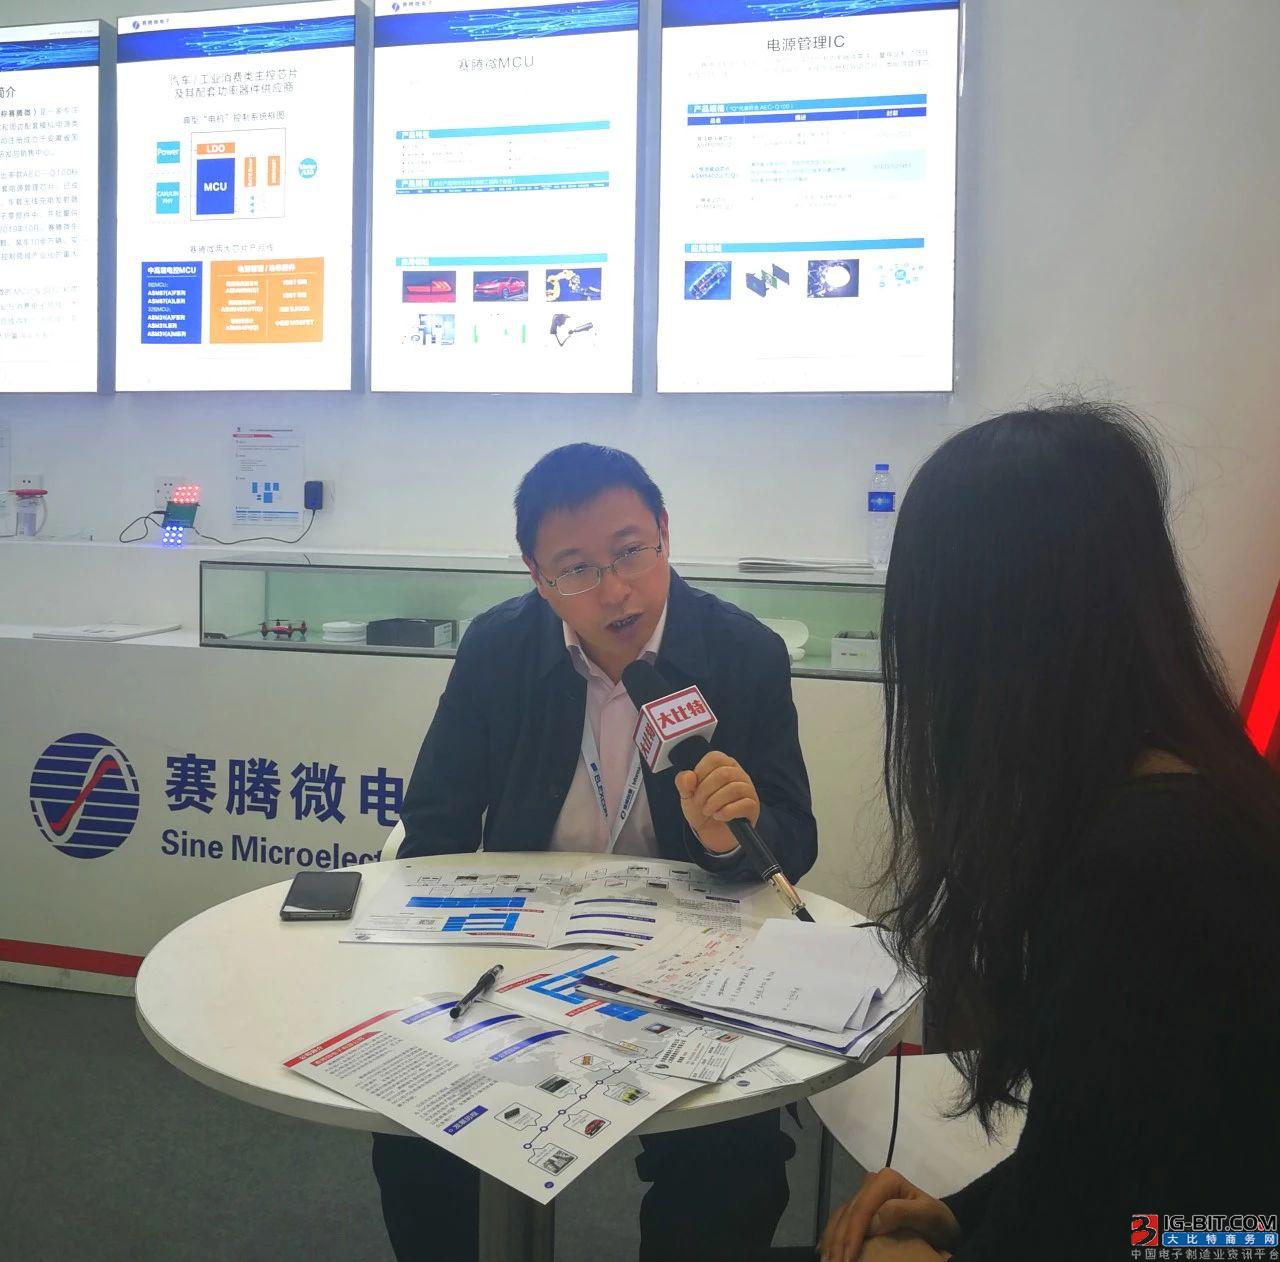 赛腾微电子总经理 黄继颇博士 接受大比特资讯记者采访